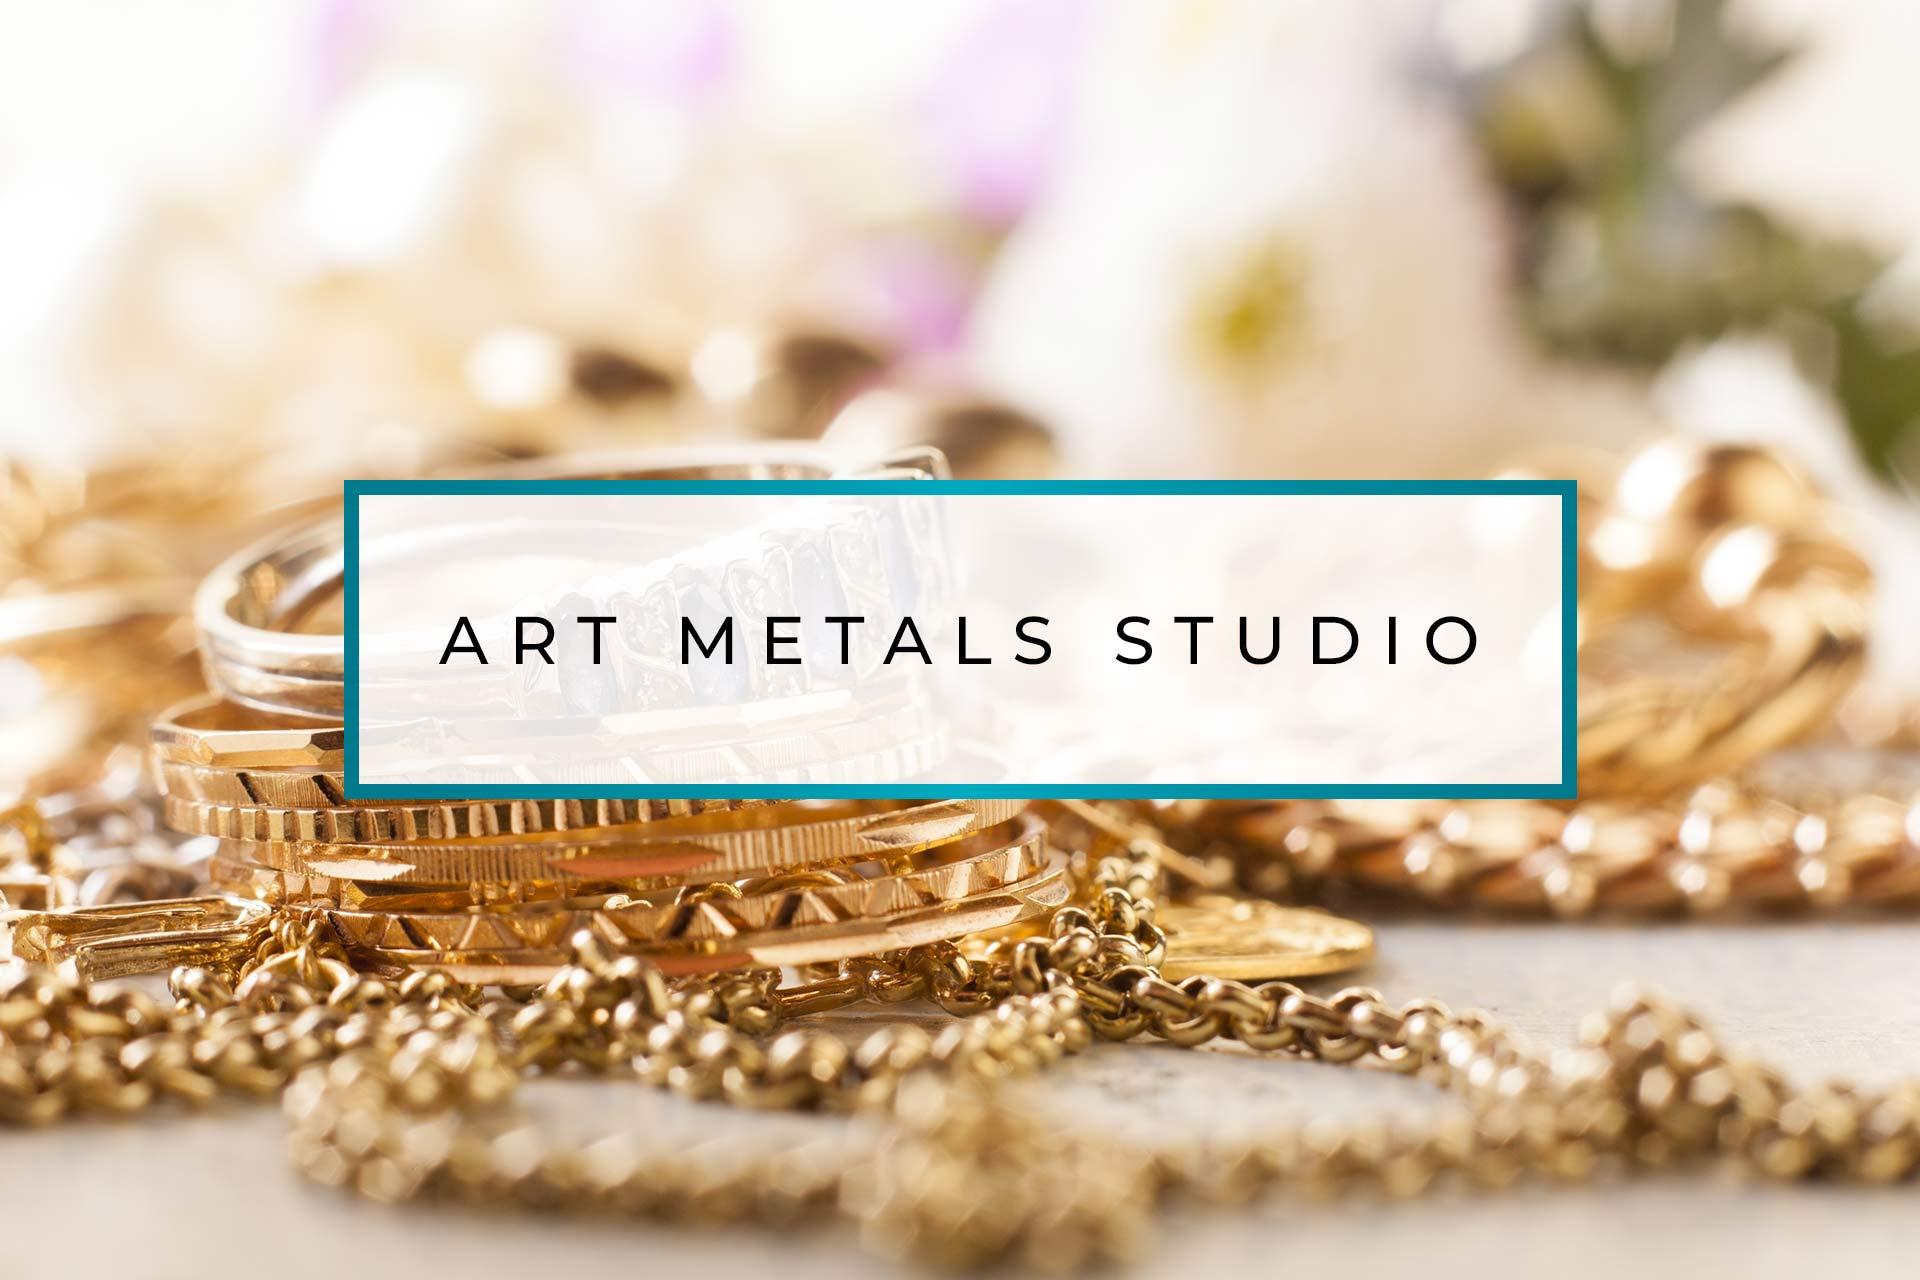 Art Metals Studio